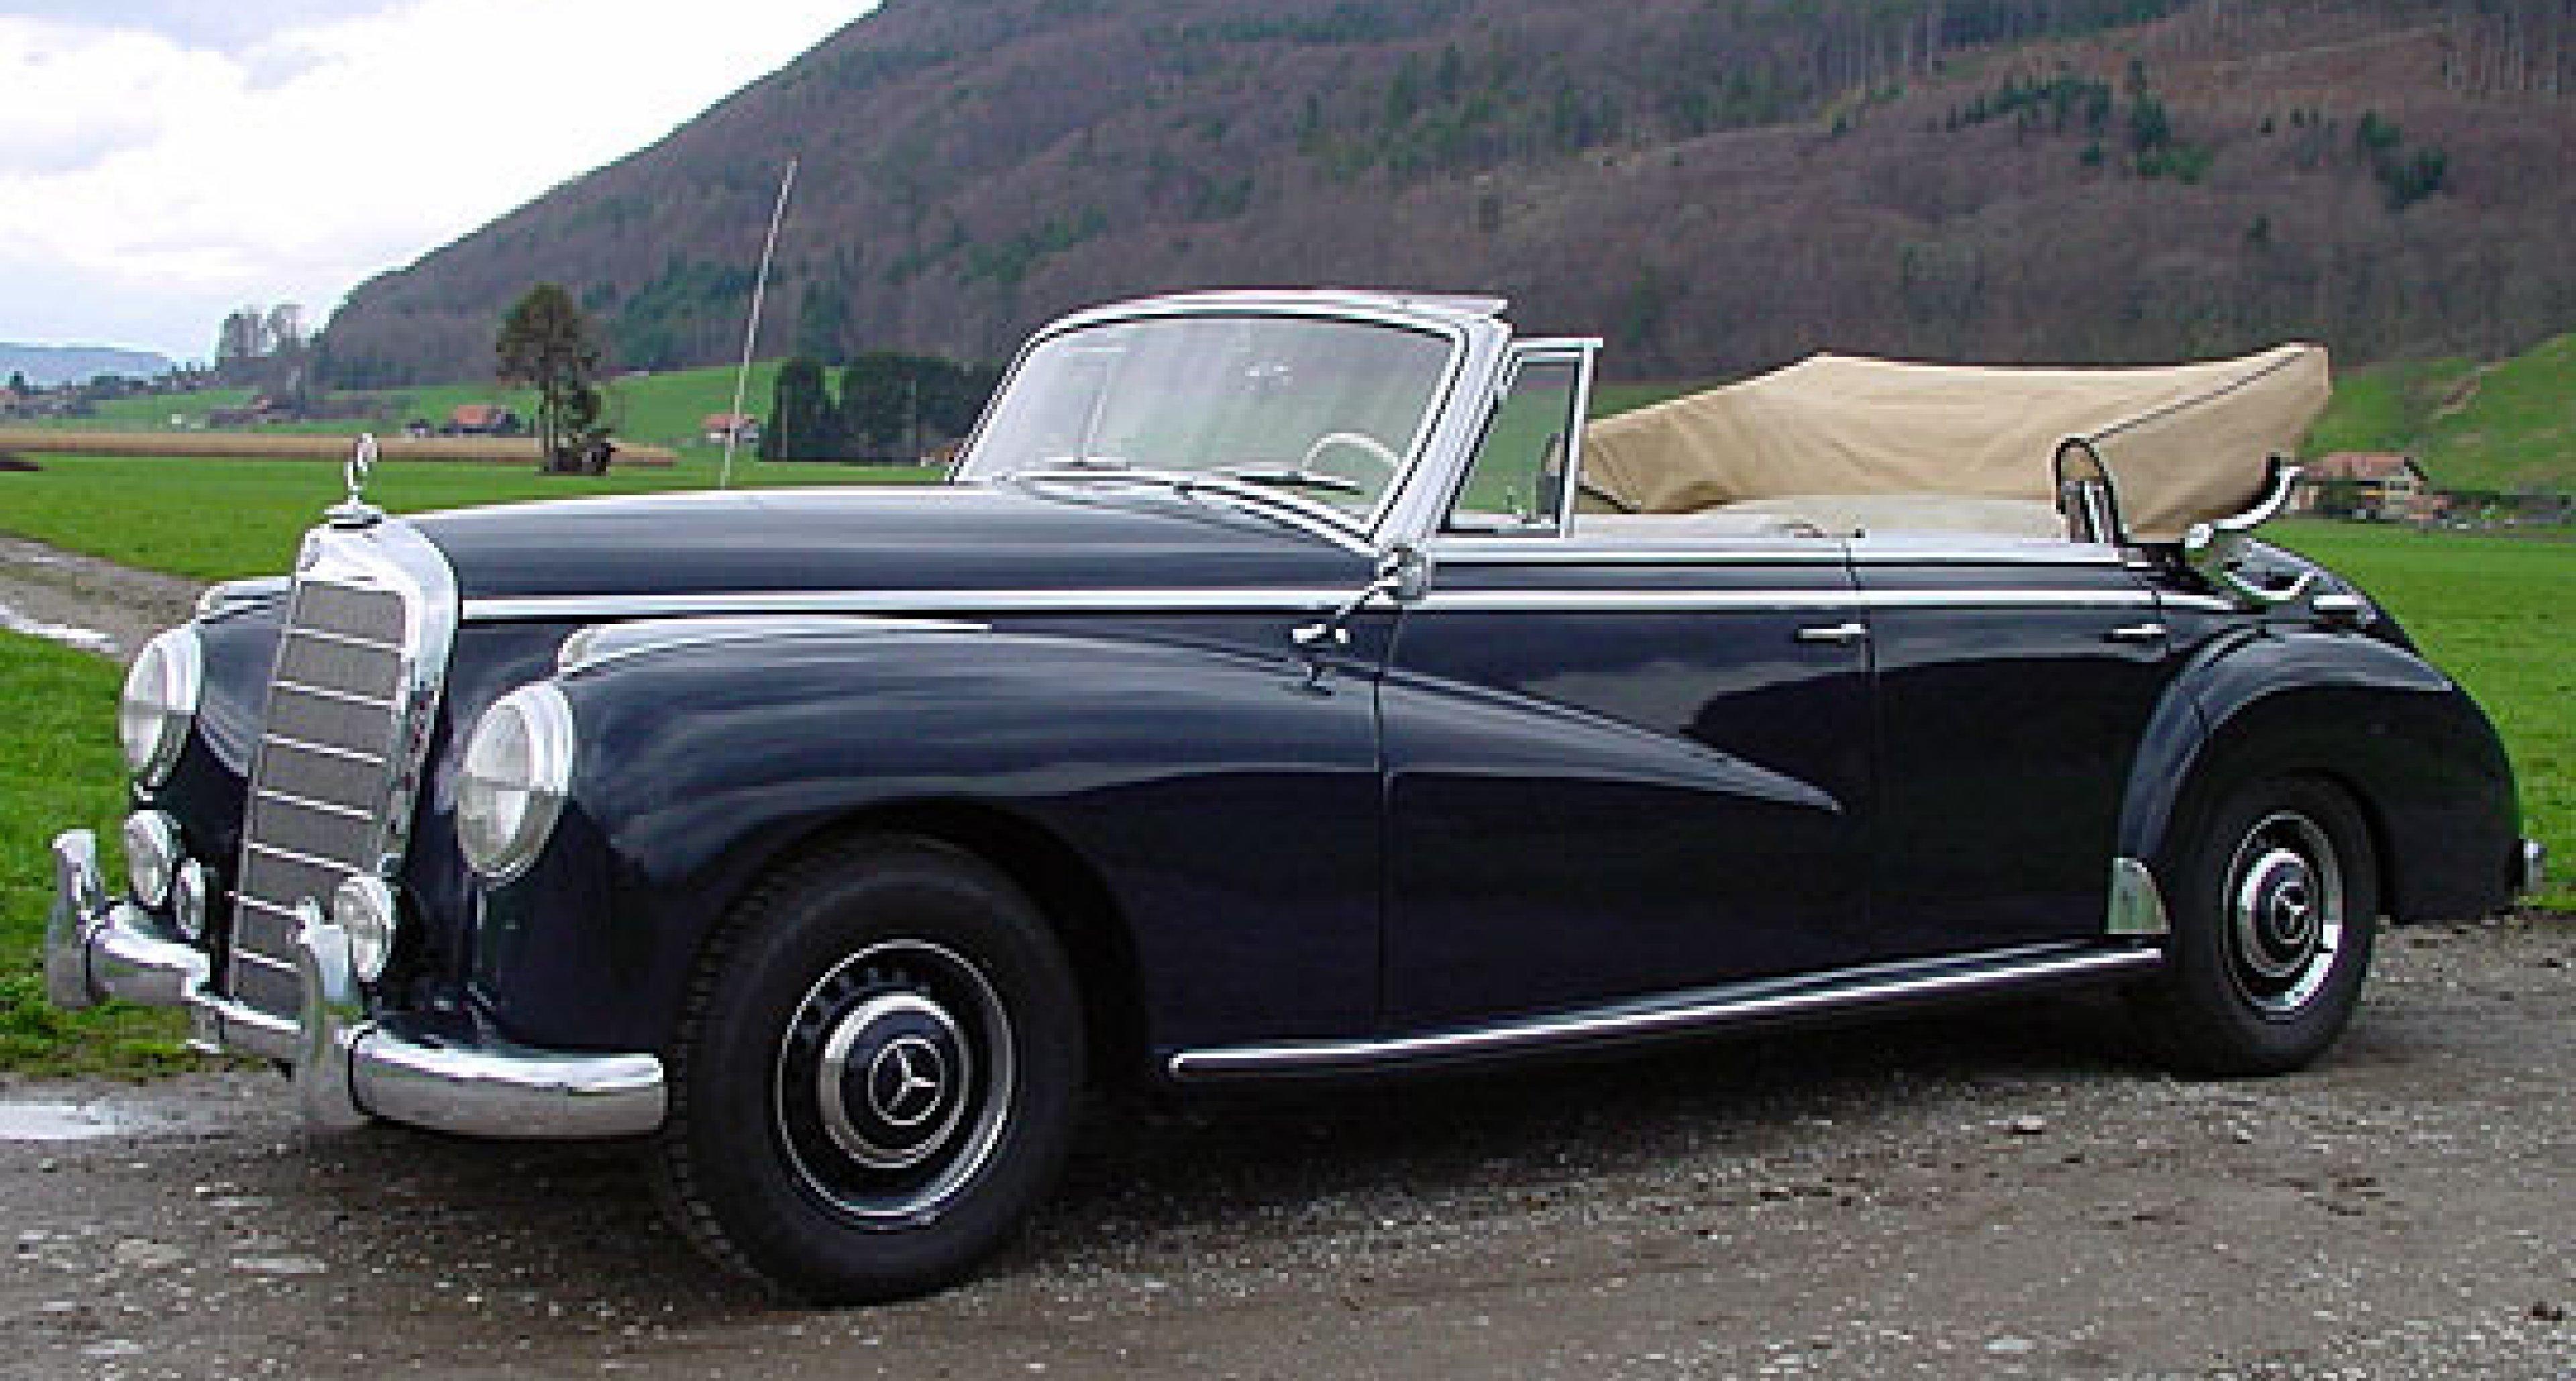 100 Klassische Automobile in der Oldtimer Galerie Toffen, Schweiz 2005 - Vorschau